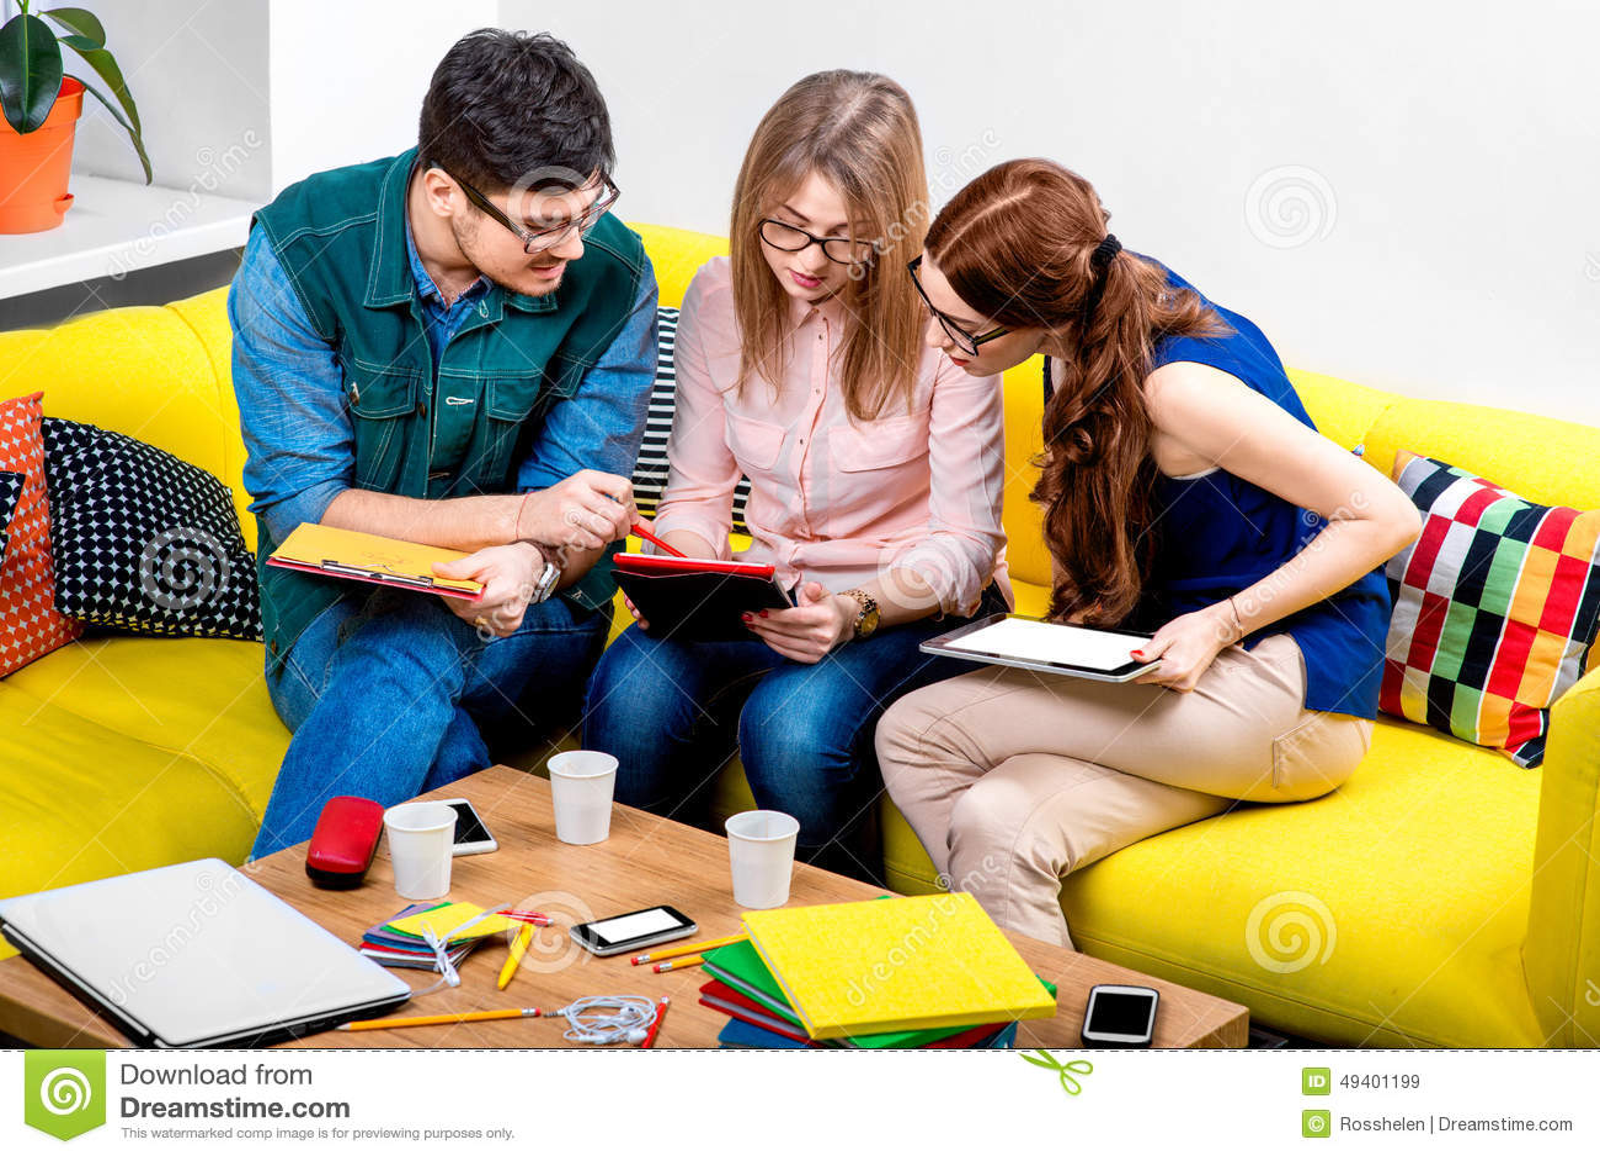 студенты на кресле